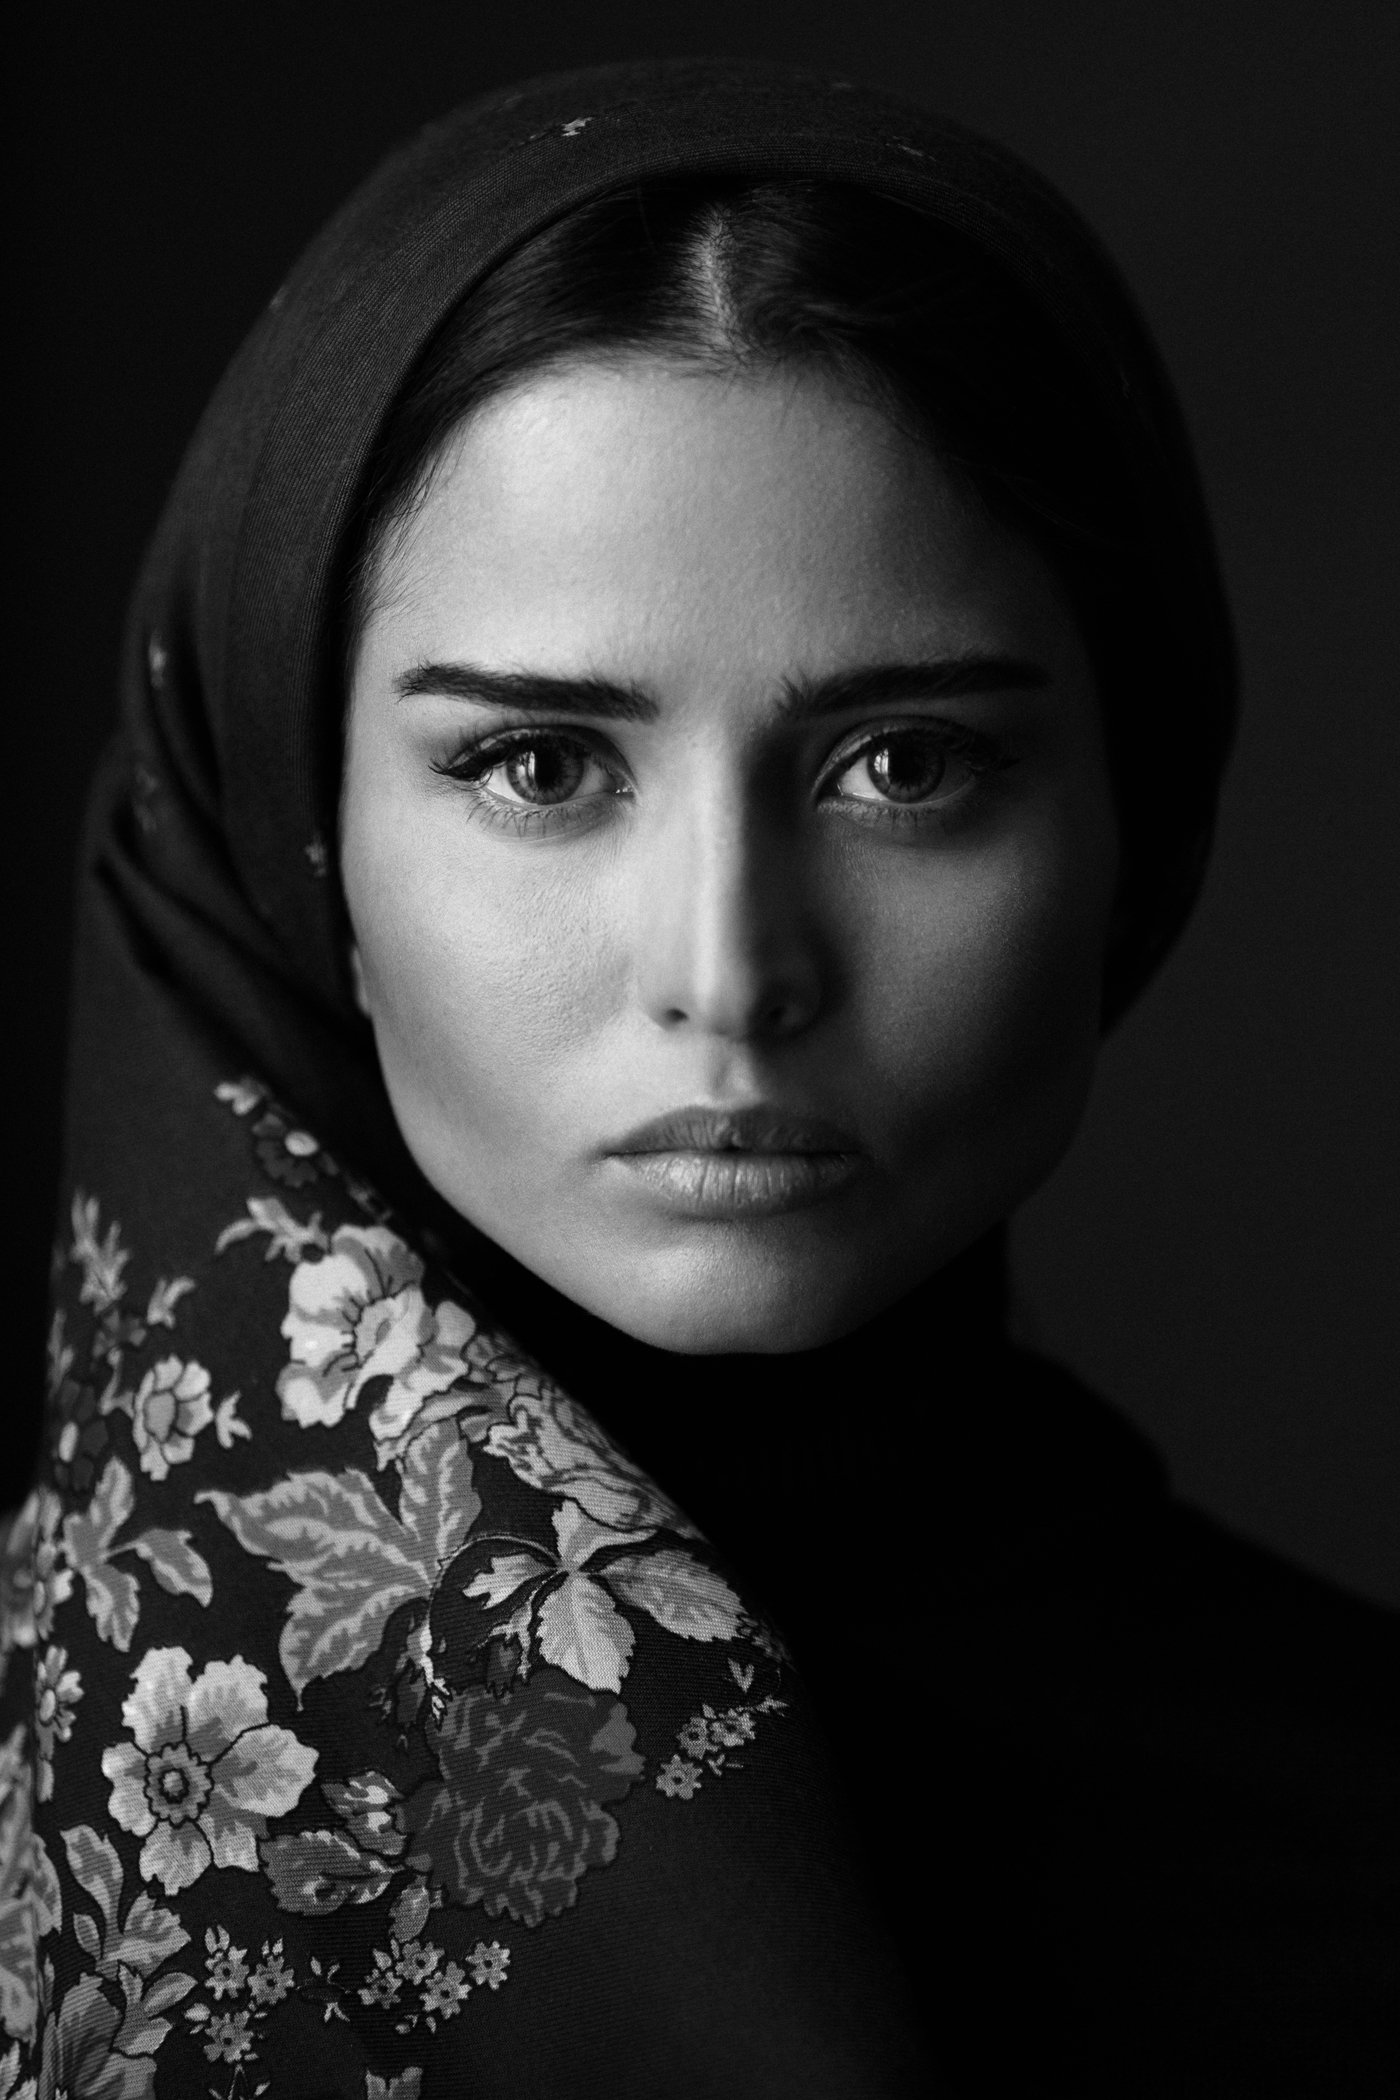 portrait bw mono babakfatholahi eyes headshoot iran iranian persiangirl girl soul folk, Babak Fatholahi